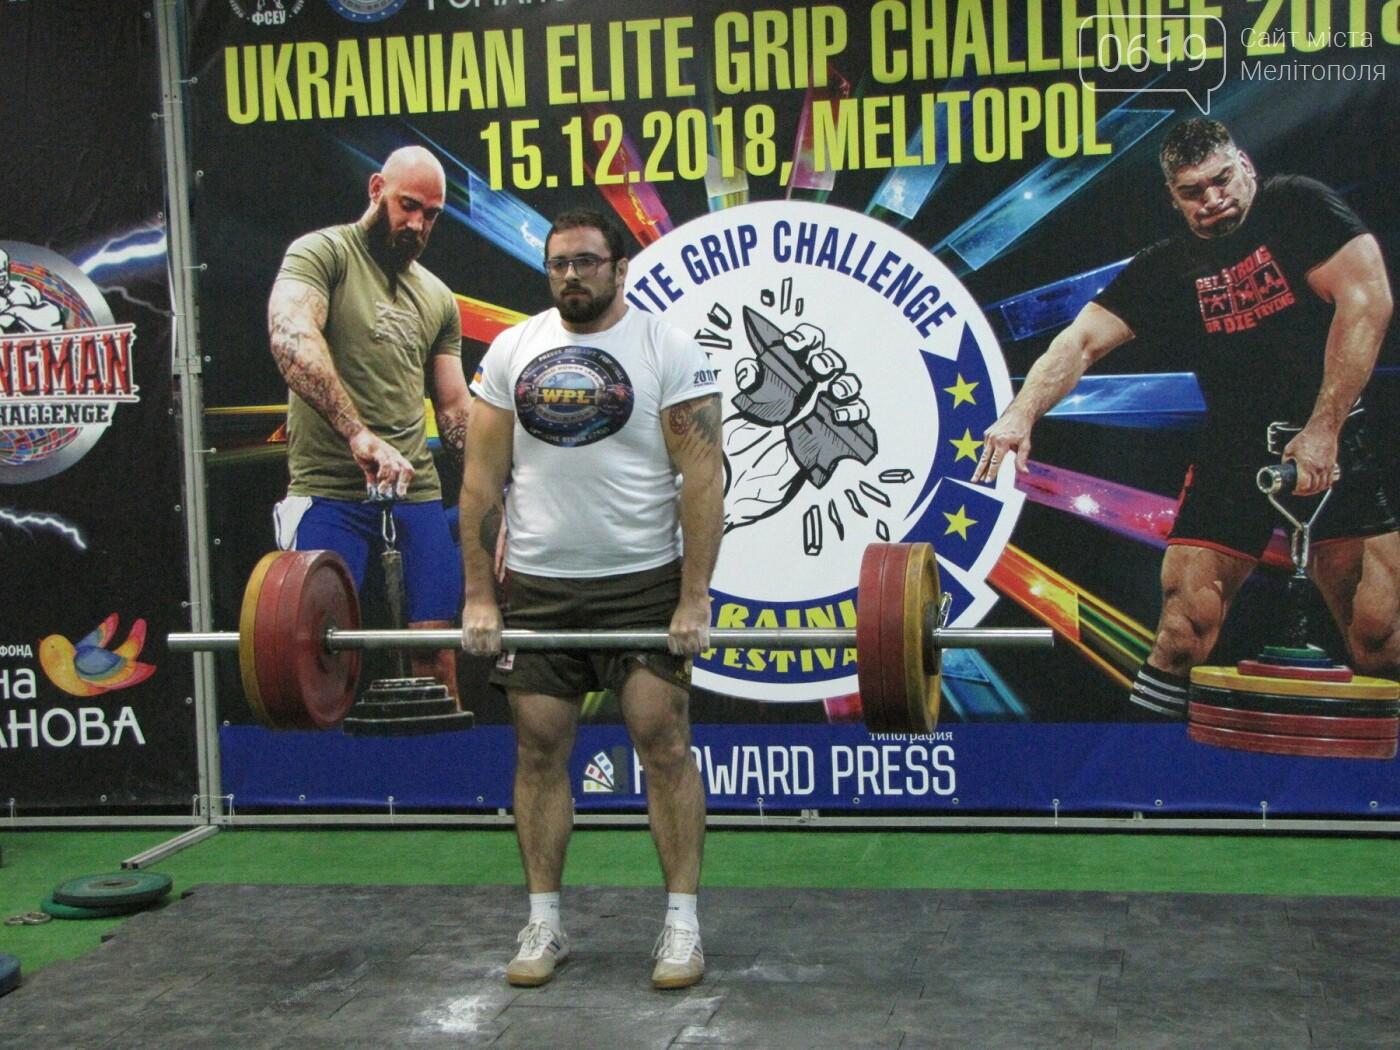 В Мелитополе сильнейшие атлеты соревновались в силе хвата, фото-38